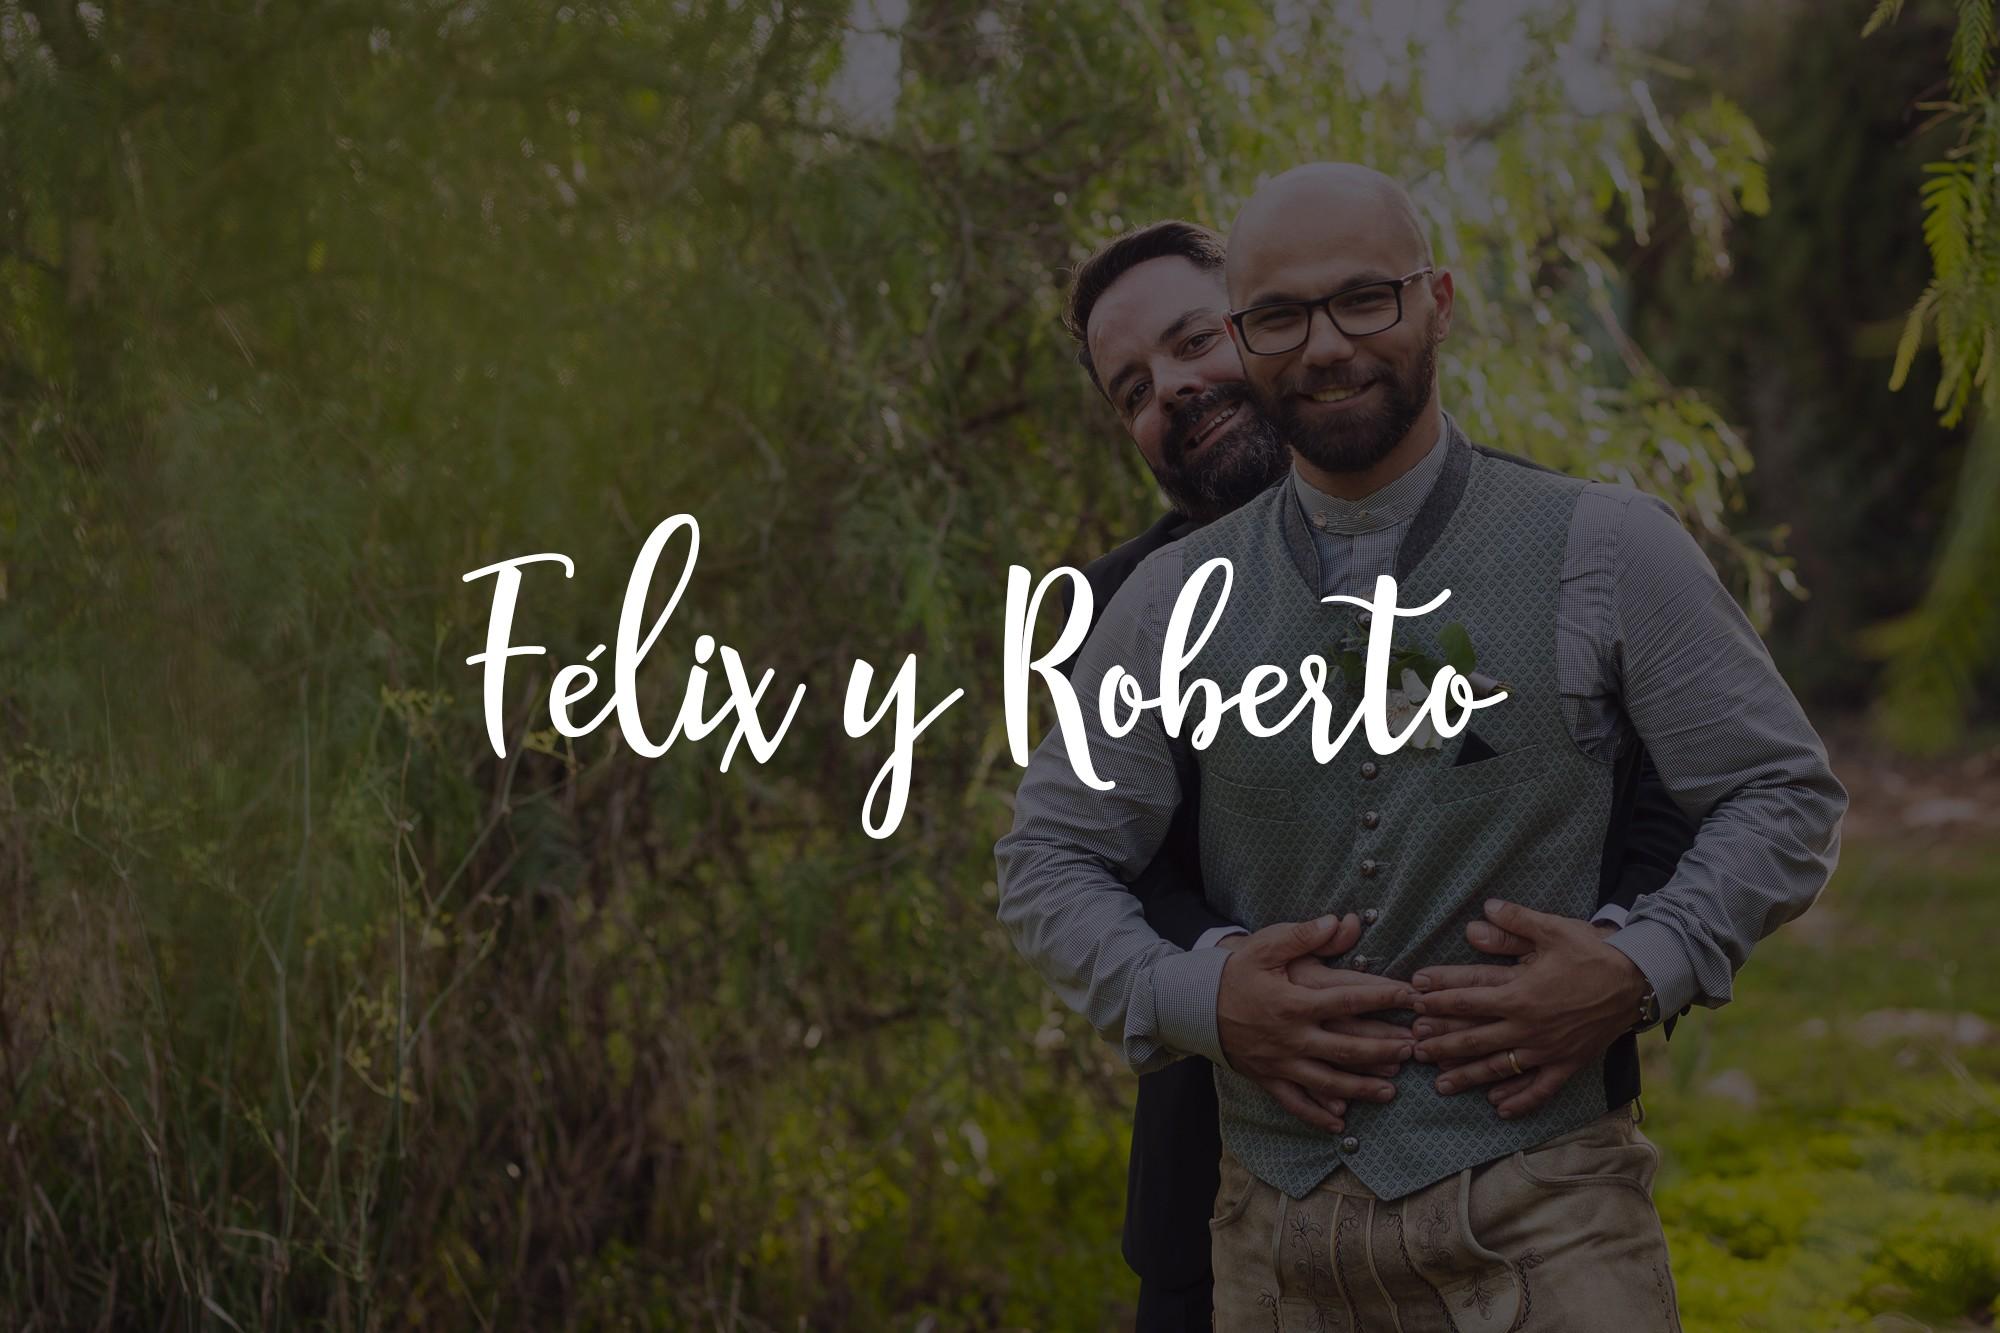 001.1-Boda Felix y Roberto